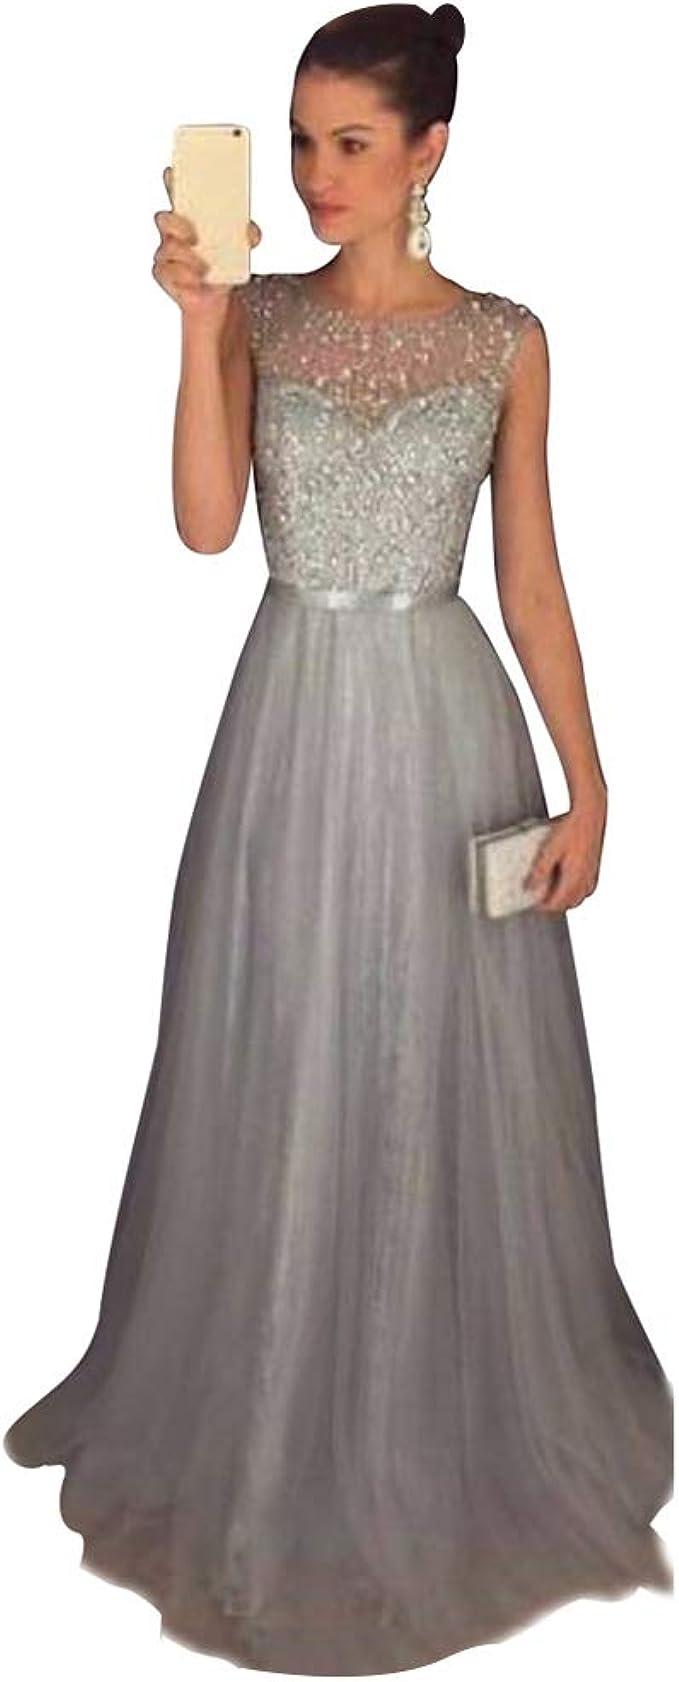 Jitong Damen Ärmellos Abendkleider mit Pailletten Partykleider  Rundhalsausschnitt Hochzeit Langes Festlichkleider Brautjungfer Kleid